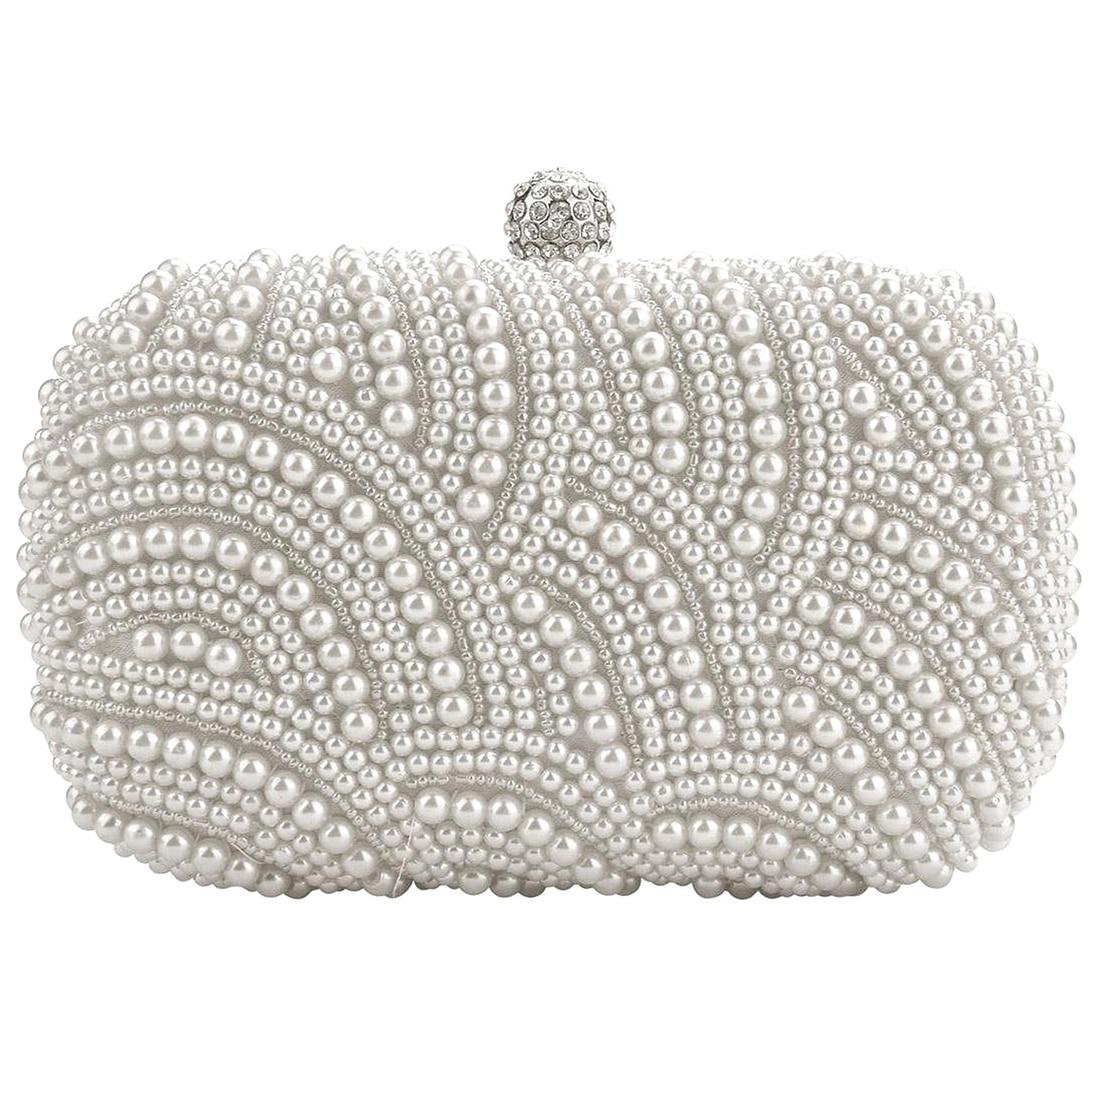 BEAU-Fashion Clutch Bag Beaded Party Bridal Handbag Wedding Evening Purse